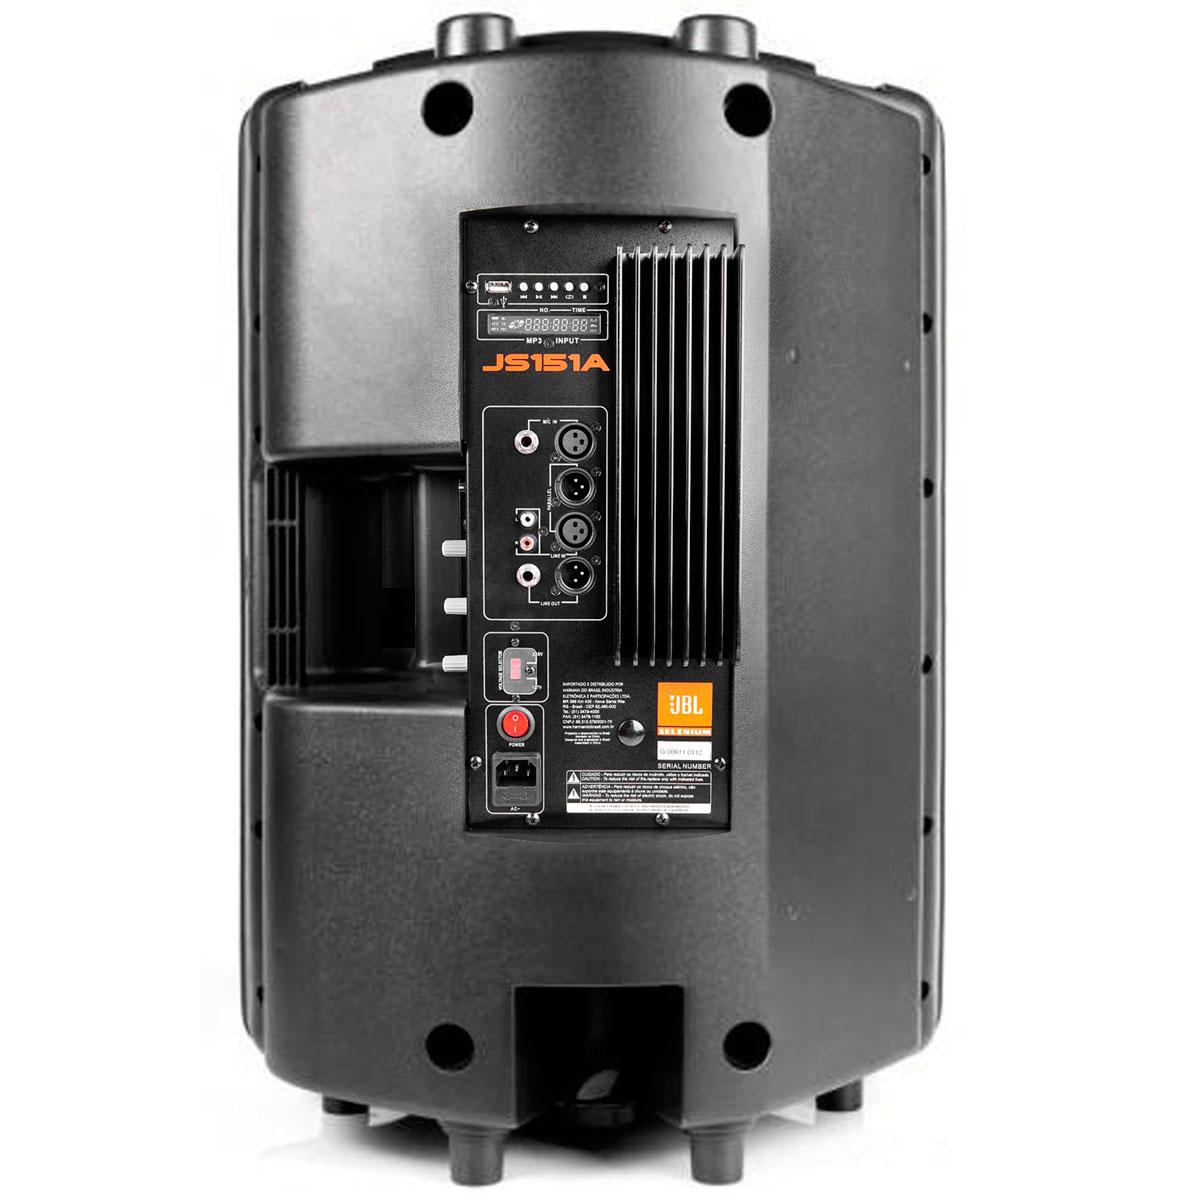 JS151A - Caixa Ativa 200W c/ Player USB JS 151 A - JBL